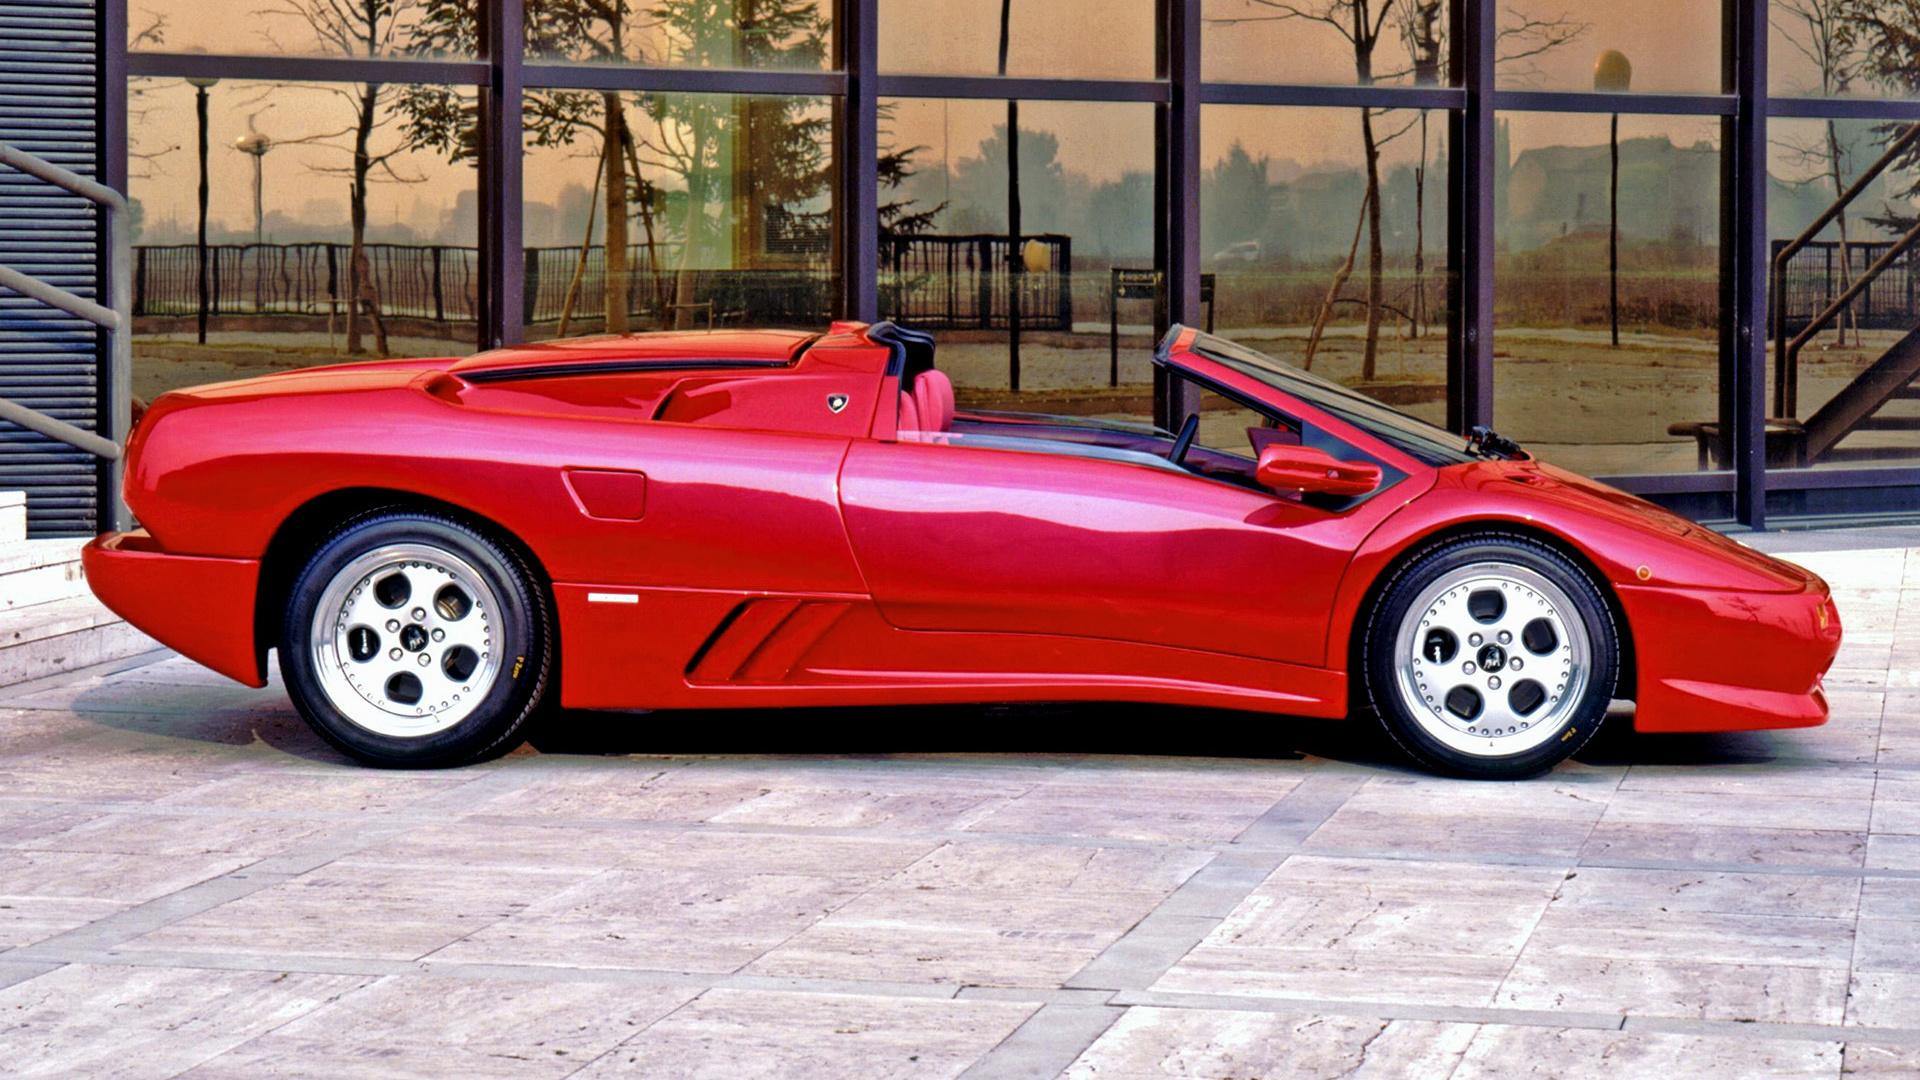 1995 Lamborghini Diablo Vt Roadster Wallpapers And Hd